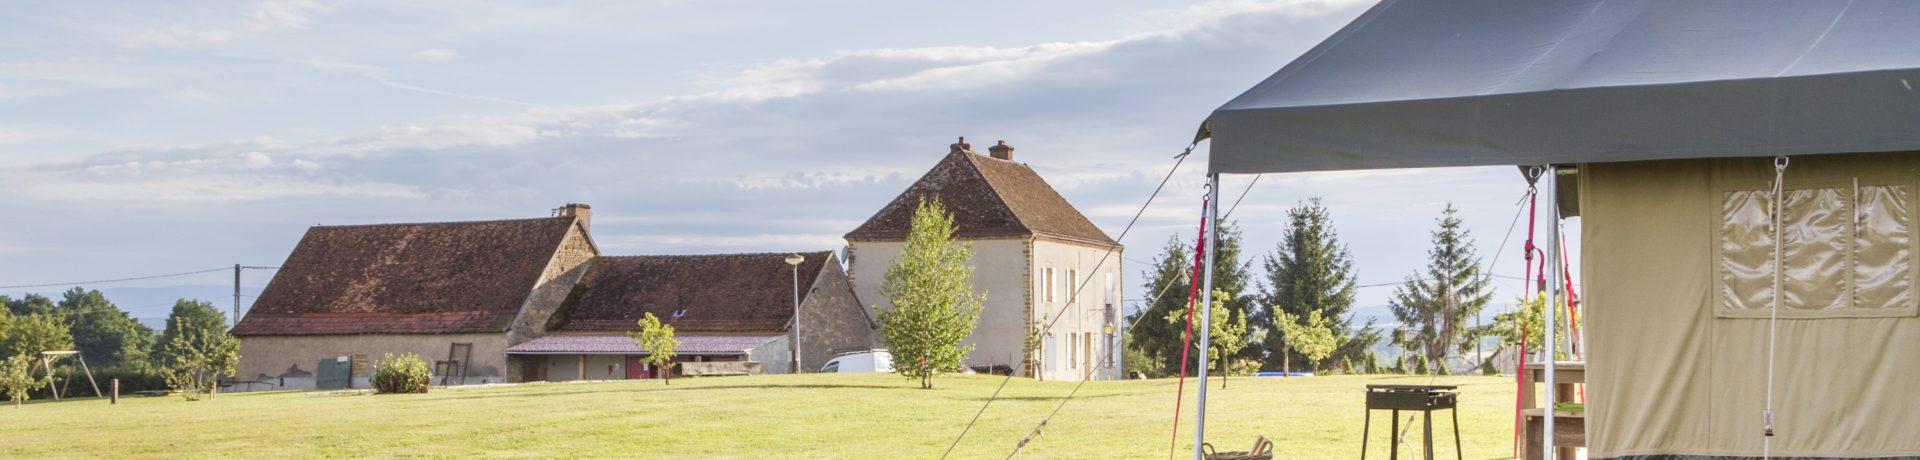 Tendi La Maison Bornat is kleine charme camping met zwembad en safaritenten in de Saône-et-Loire in de Bourgogne. Glamperen in een luxe safari lodgetent!